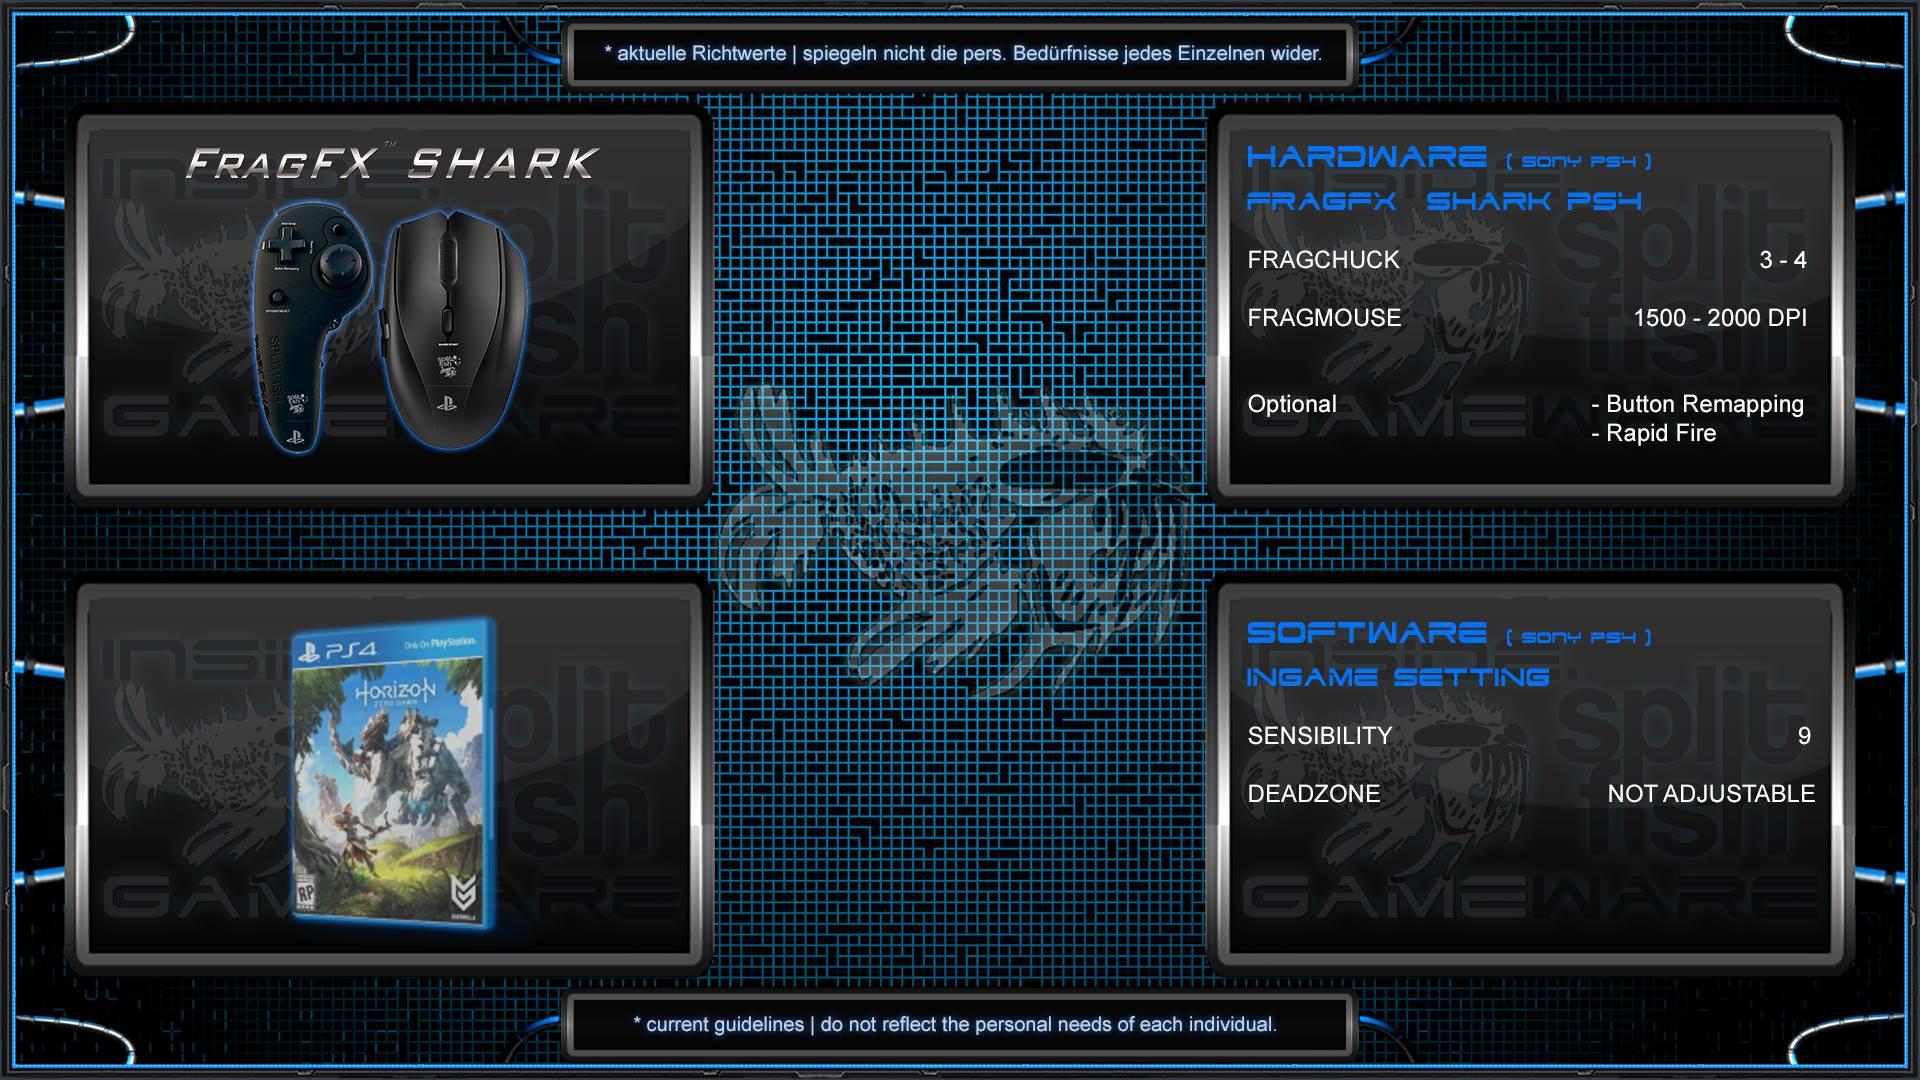 FRAGFX SHARK PS4 SETTING